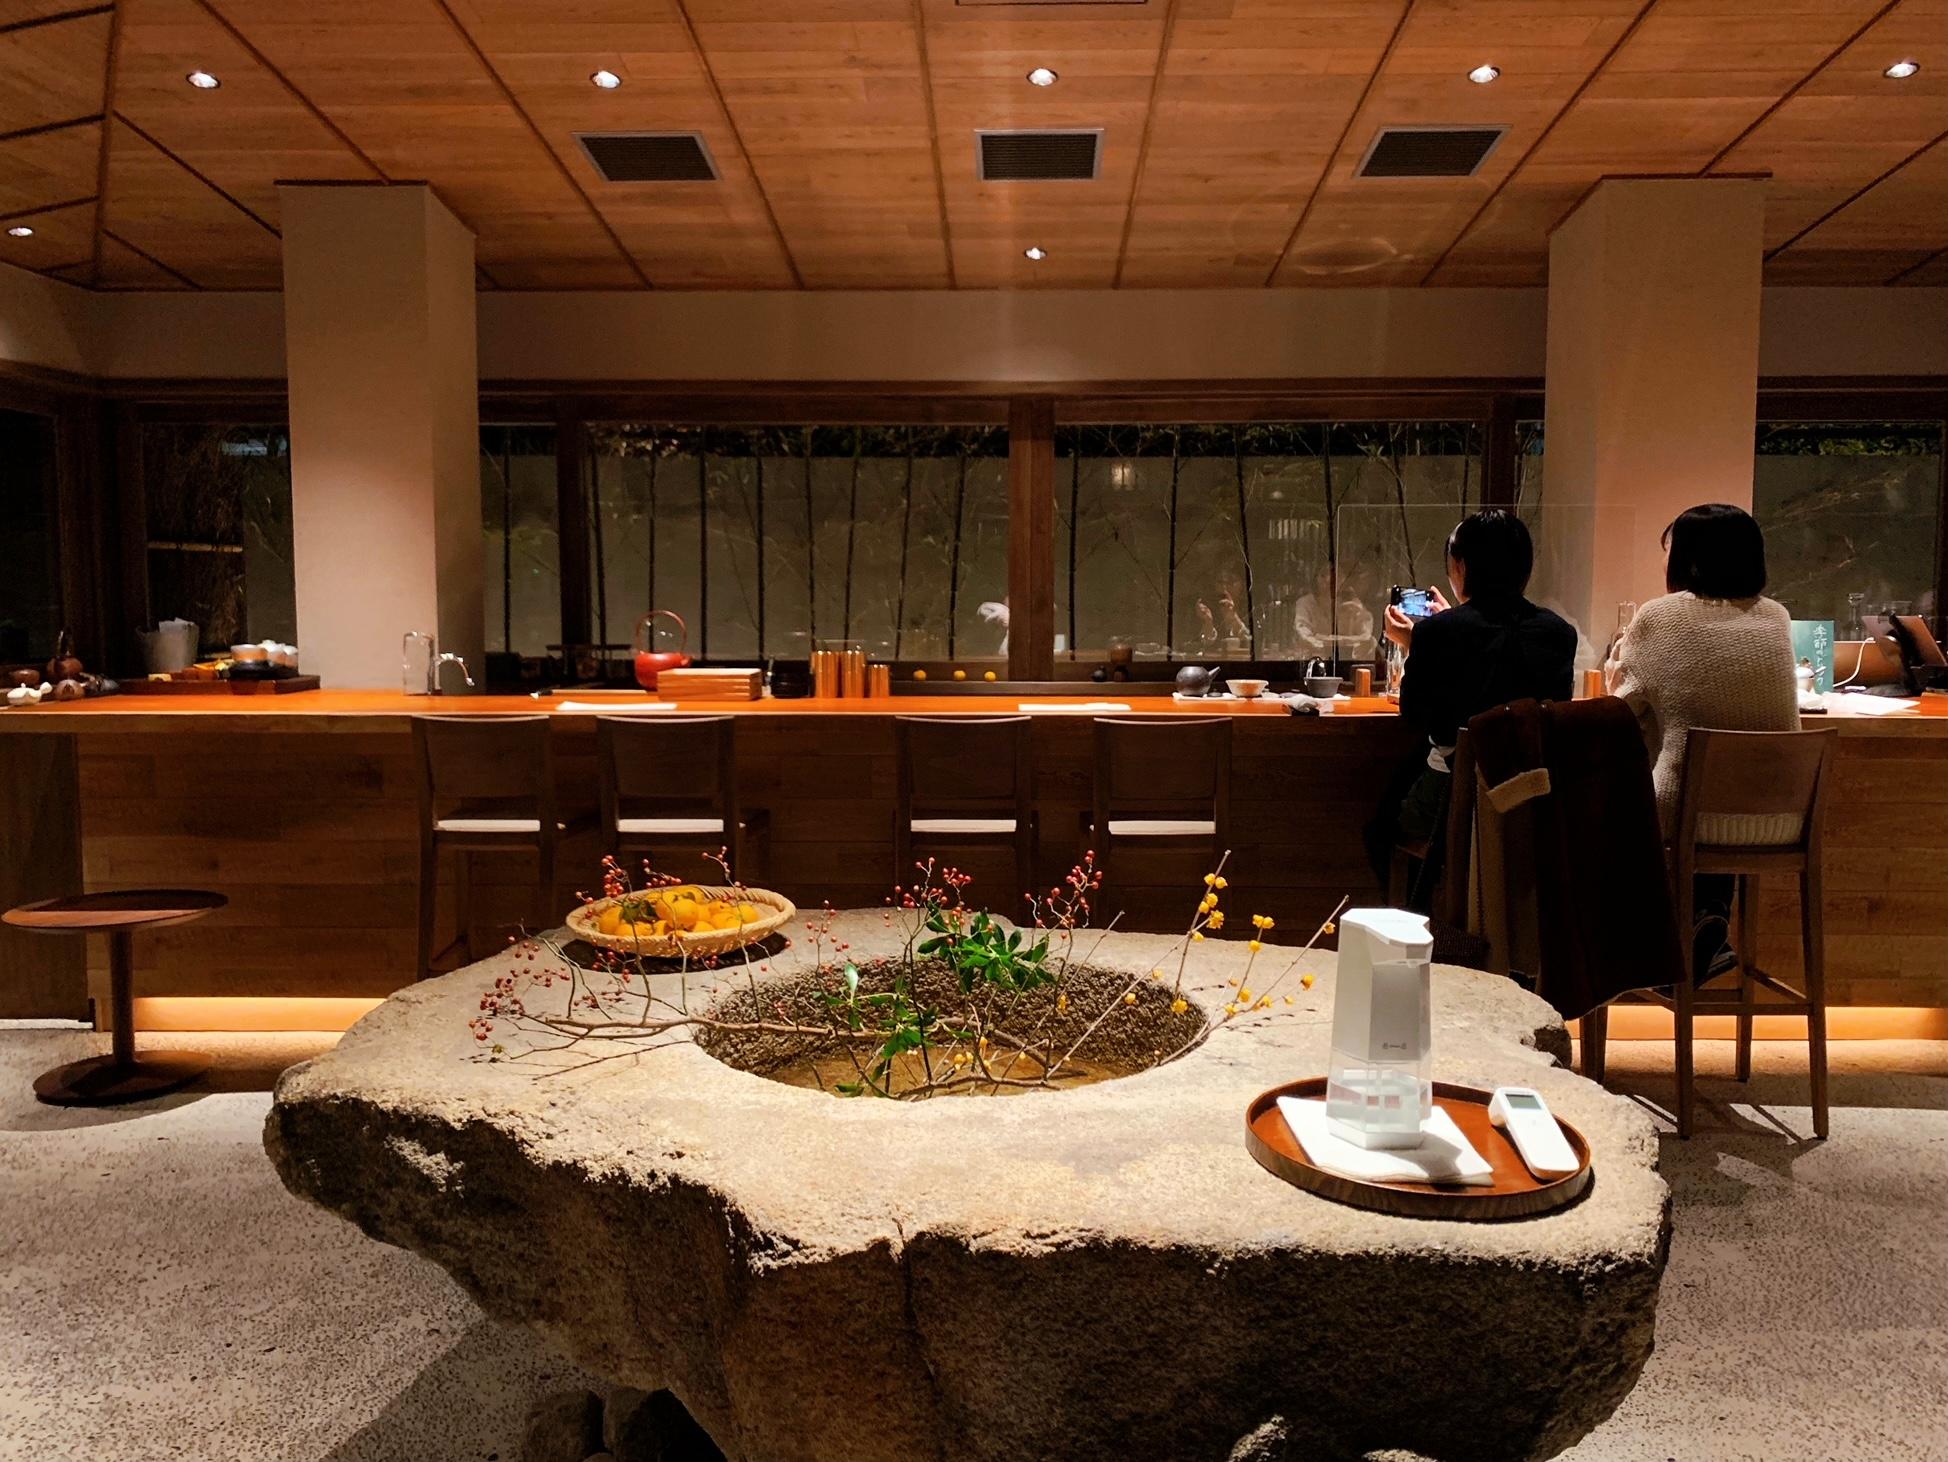 【なかなか予約が取れない!】東京に居ながらにして《箱根の温泉を楽しめる人気スポット》に行ってきた♡_13